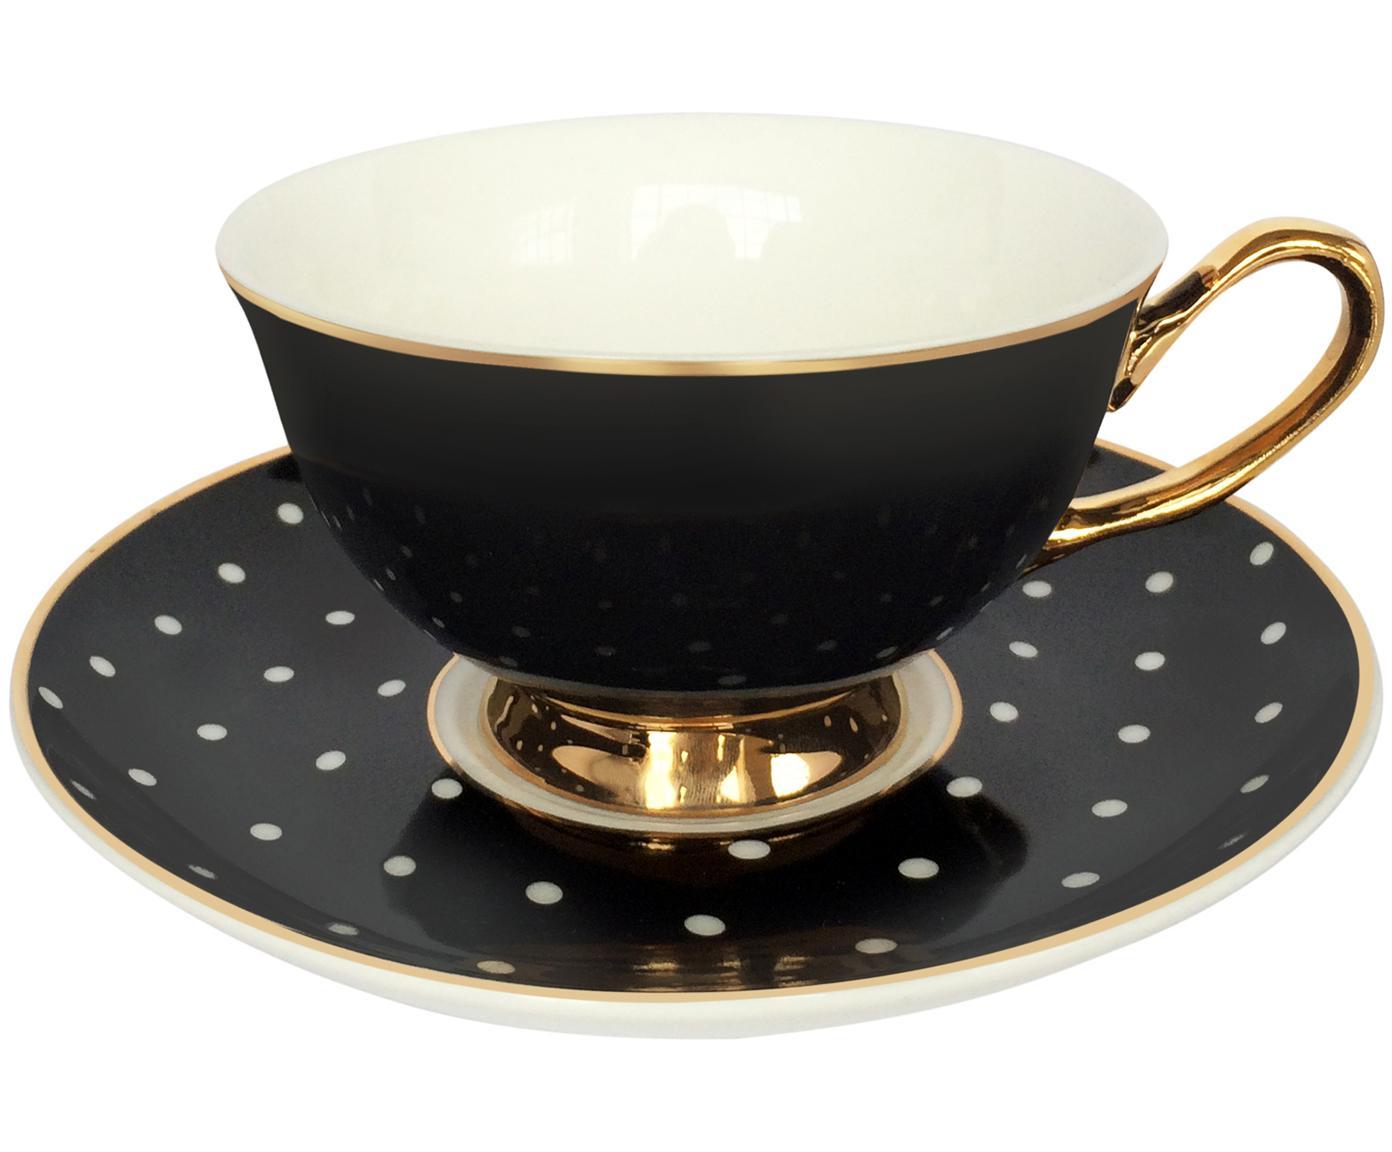 Filiżanka do herbaty ze spodkiem Spotty, Porcelana chińska, pozłacana, Czarny, biały Krawędź i uchwyt: złoty, Ø 15 x W 6 cm